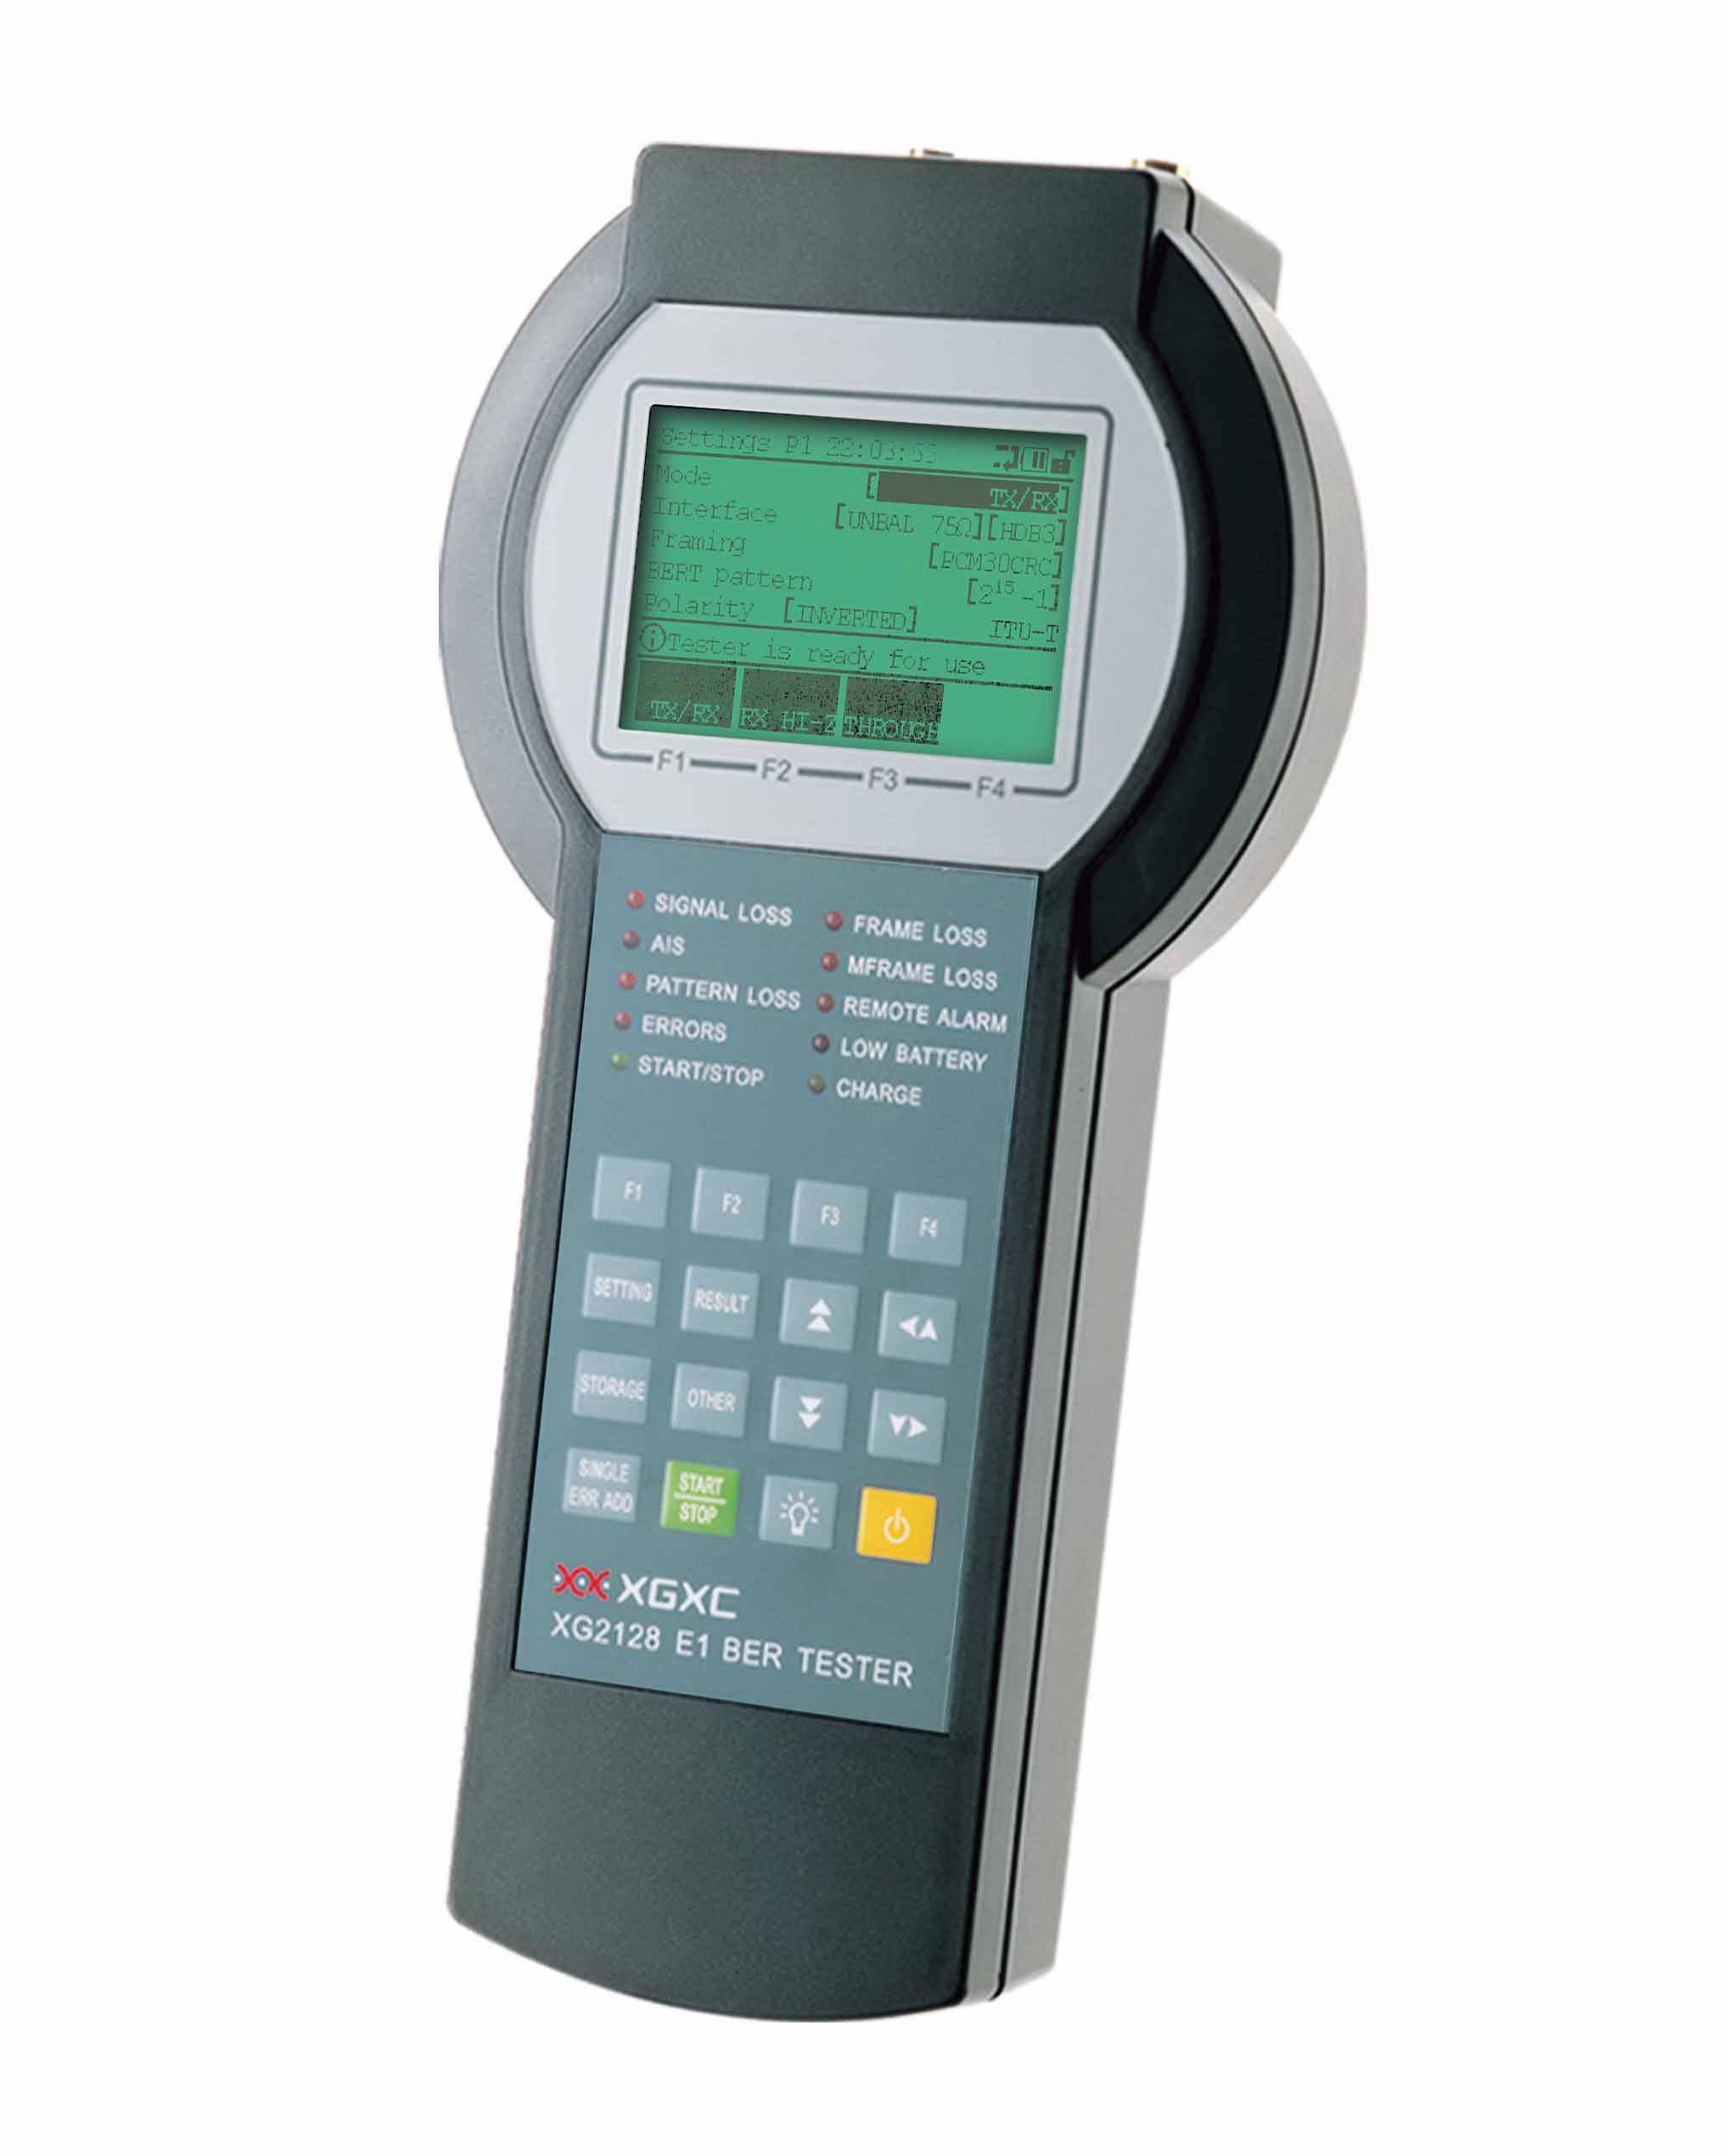 XG2128 E1 BER Tester